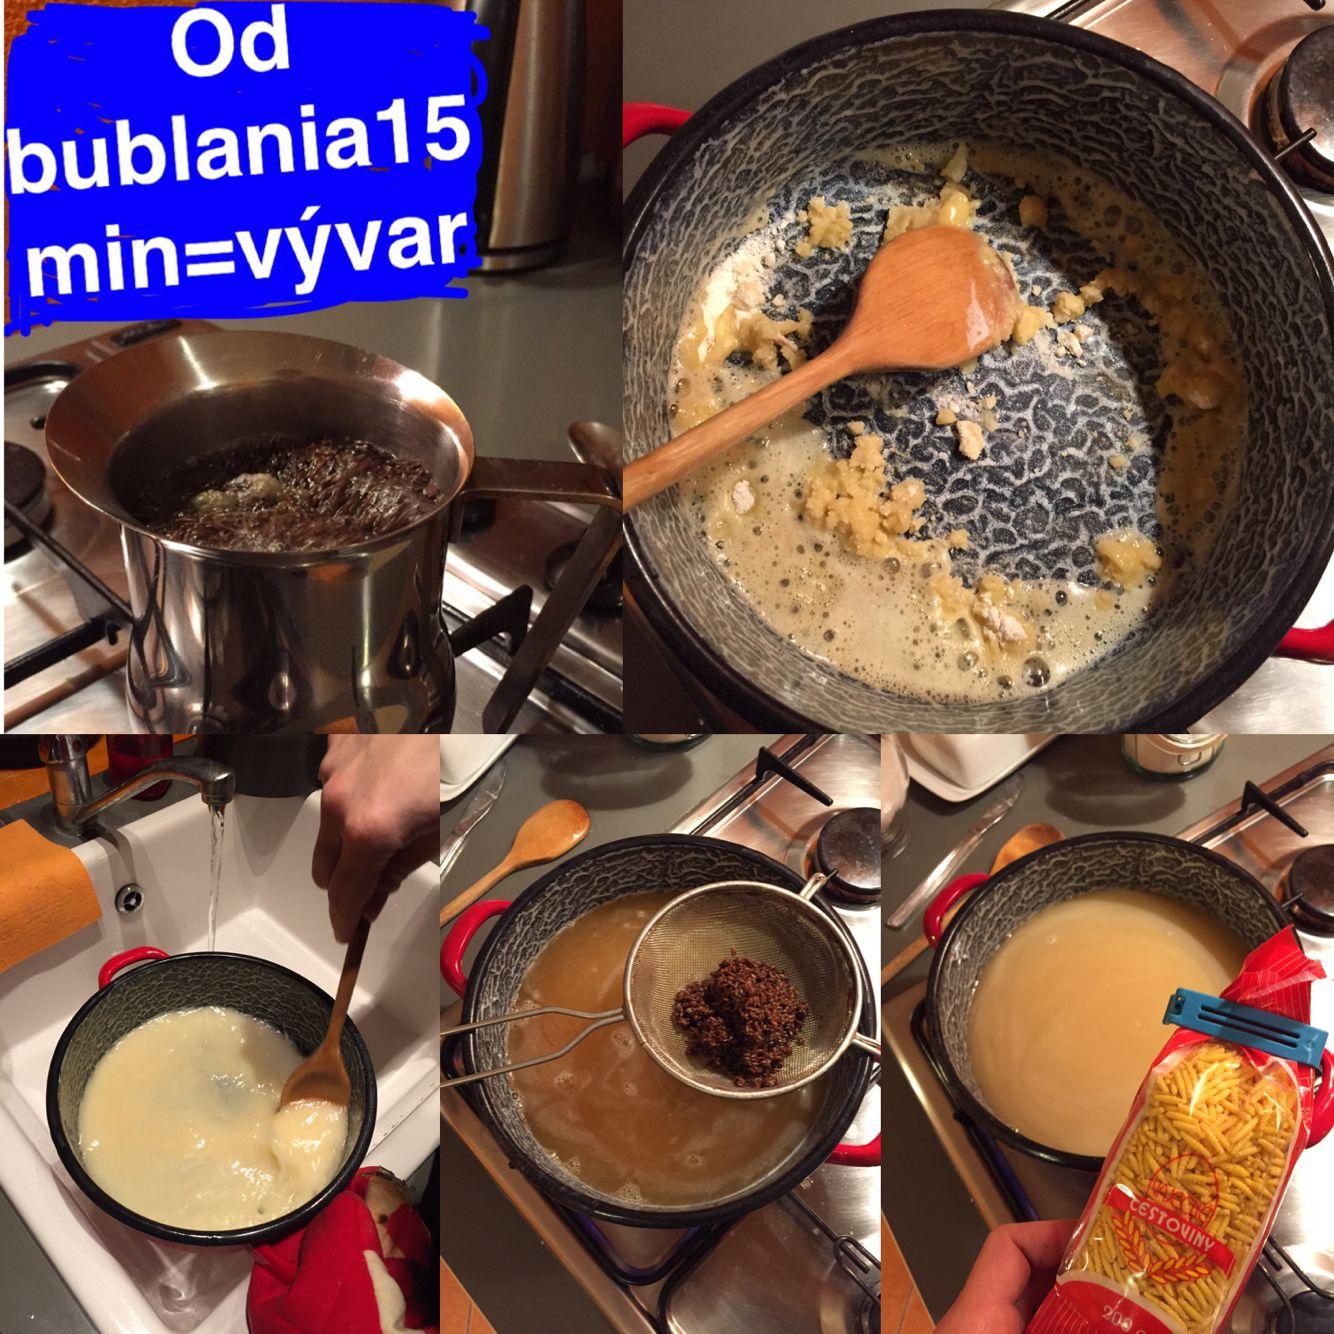 RASCOVÁ POLIEVKA: 15 min rascový vývar, vela masla a zmiešaj s múkou, potom 1 L vody studenej (pozor na hrudky), potom vylej do toho vývar, potom cestoviny od bublania. Ked sú pasta hotové, tak je to done :)